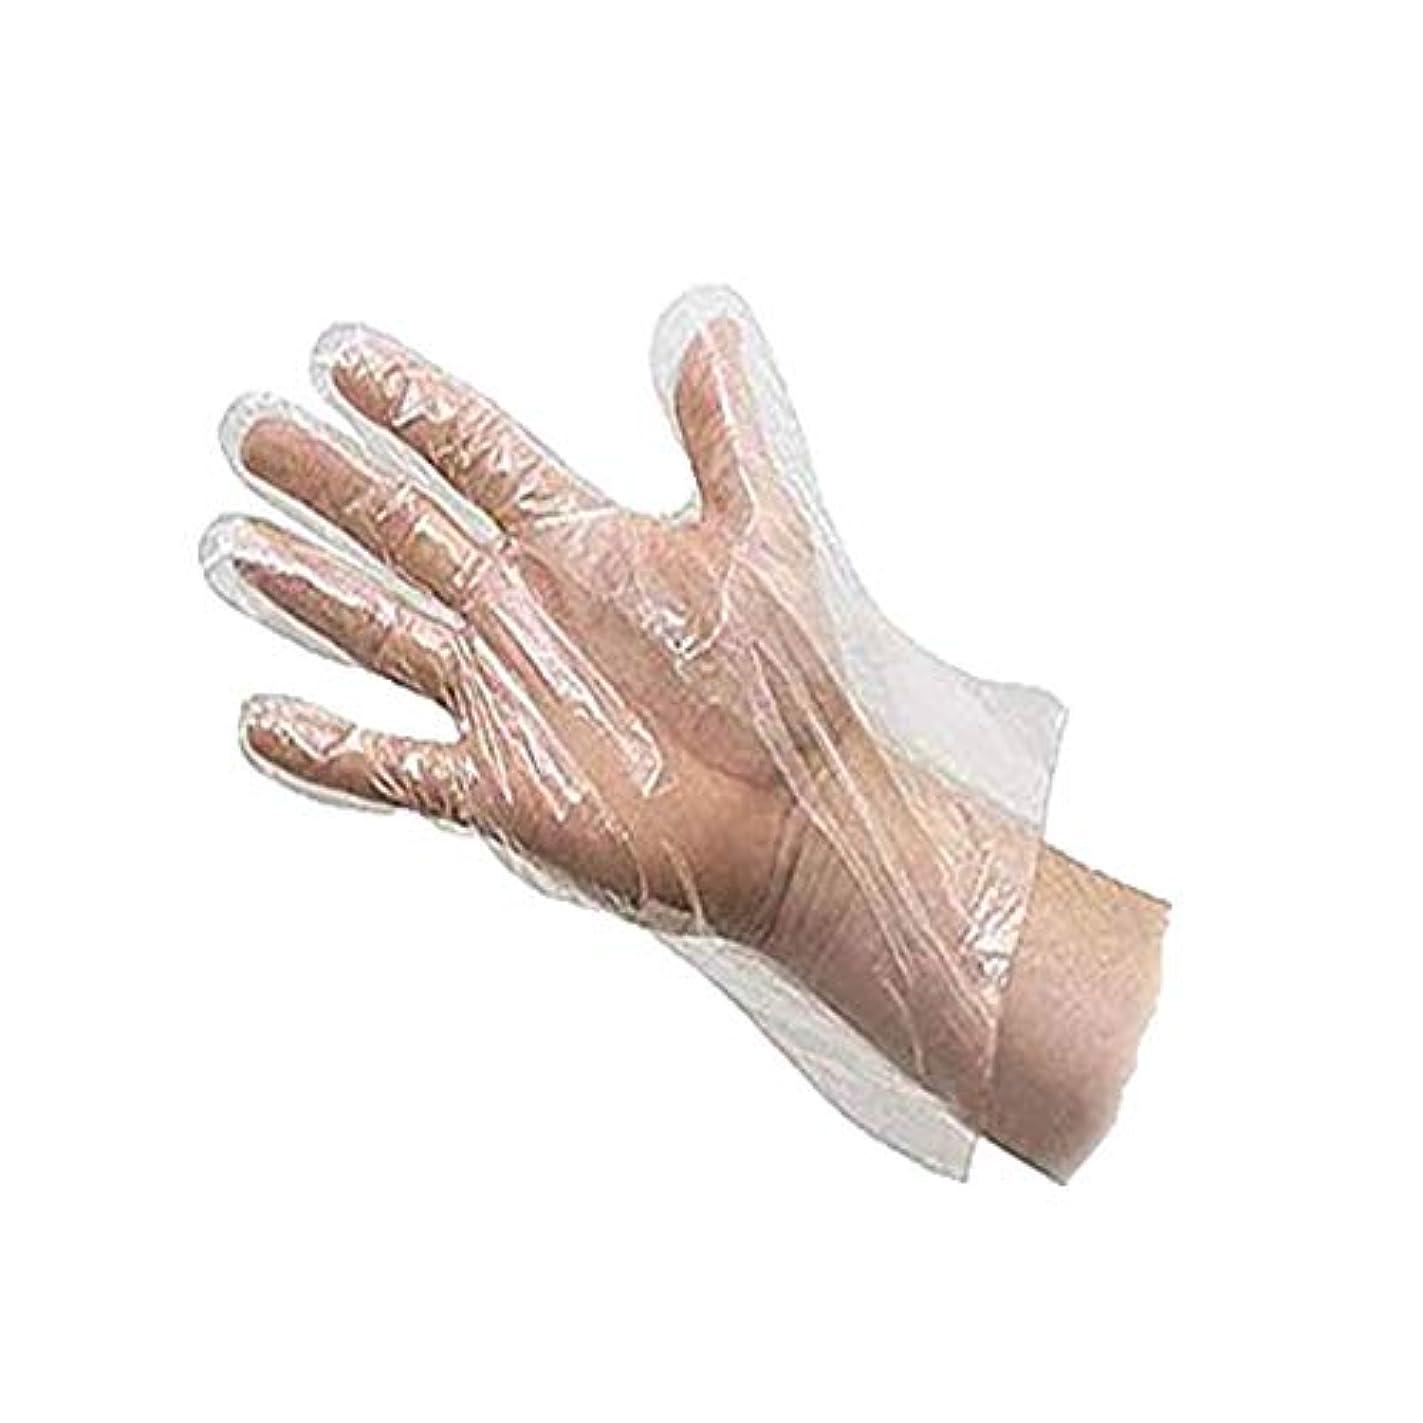 診療所キャメルマニアックOutflower 使い捨て手袋 調理用 食品 プラスチック ホワイト 粉なし 食品衛生 透明 左右兼用 薄型 ビニール極薄手袋 100枚入り